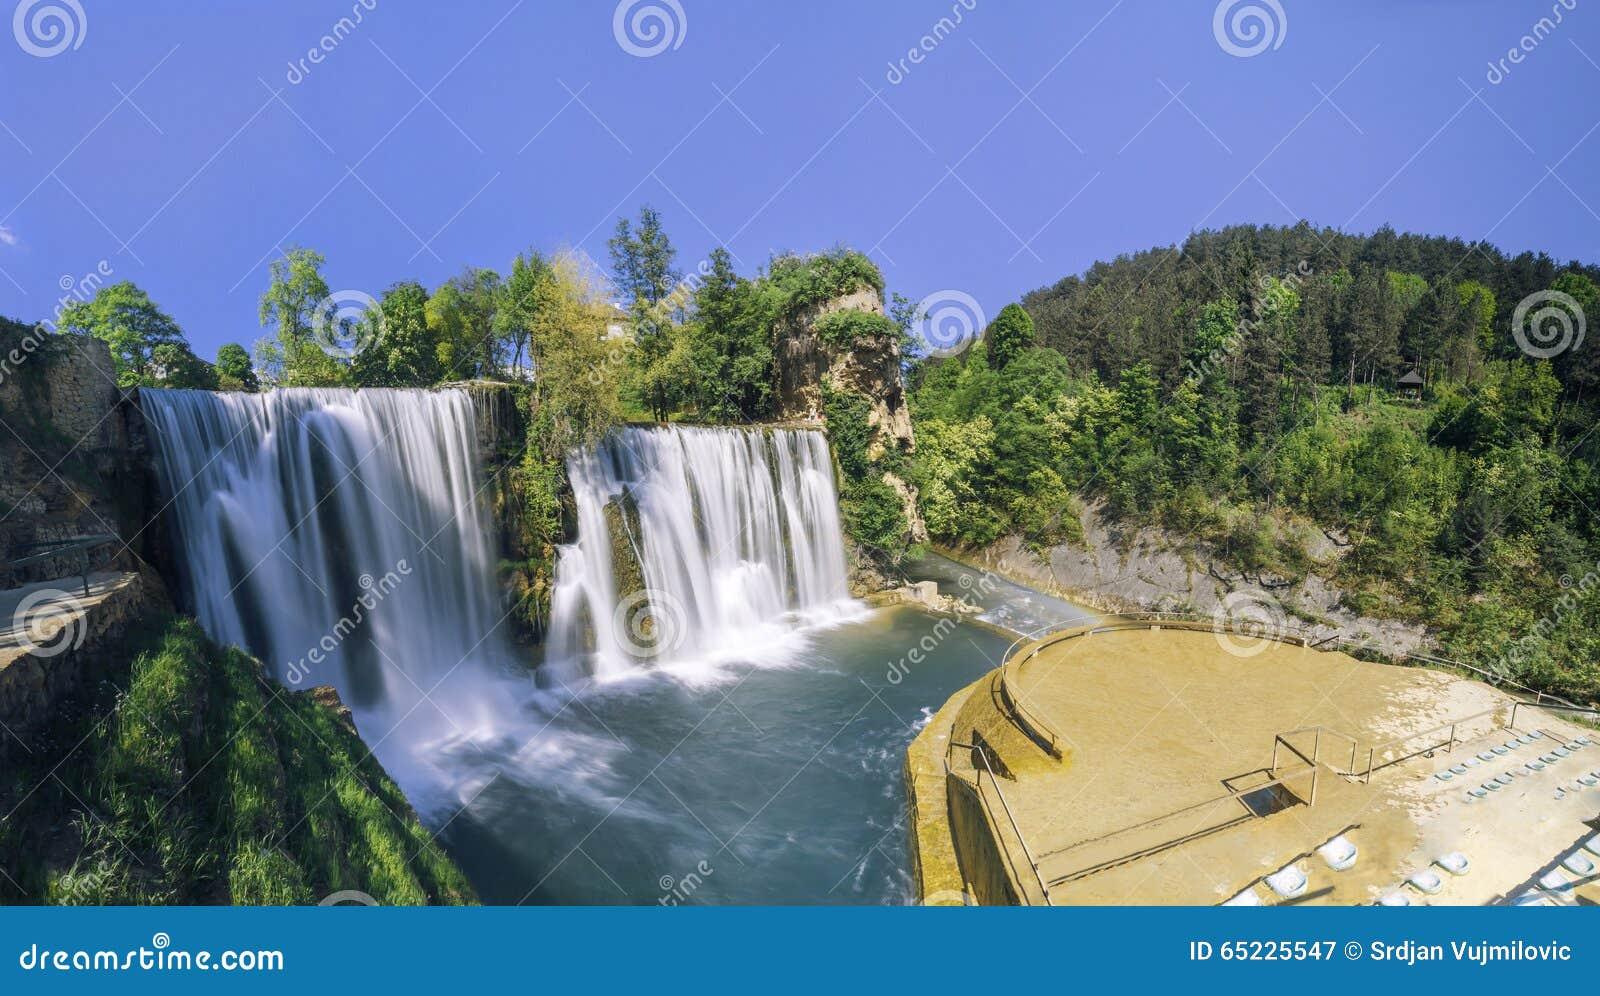 wasserf lle in der stadt jajce bosnien und herzegowina stockbild bild von clear balkan 65225547. Black Bedroom Furniture Sets. Home Design Ideas